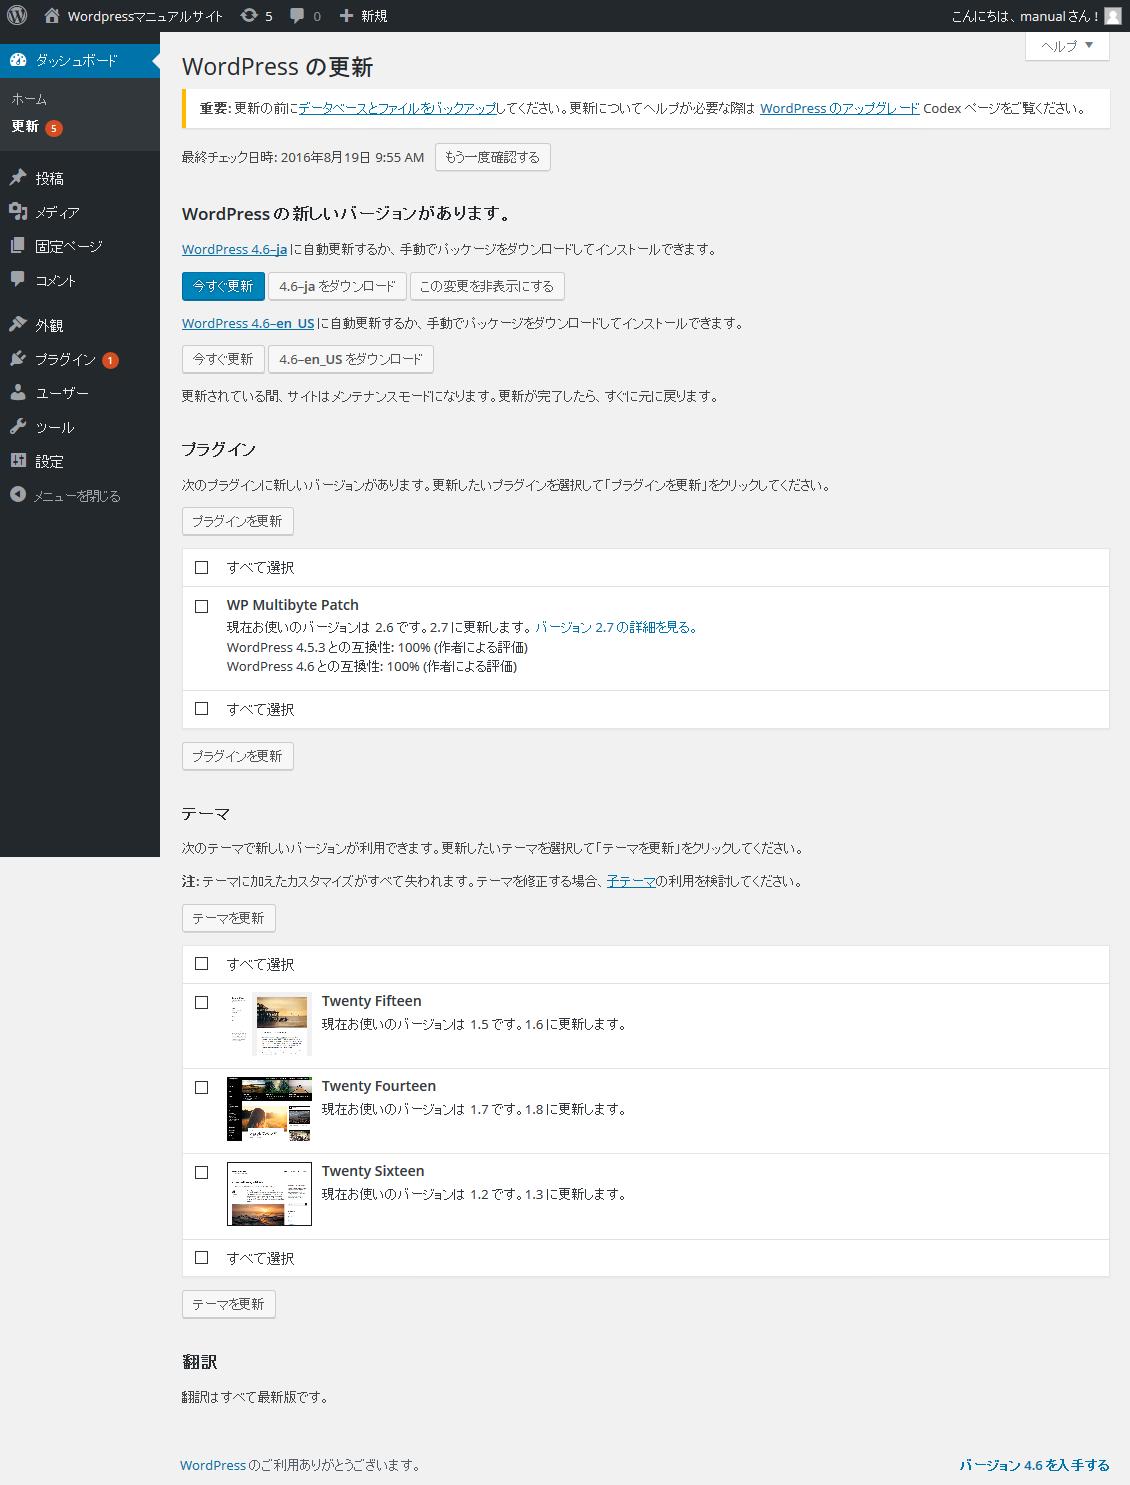 Wordpress更新情報